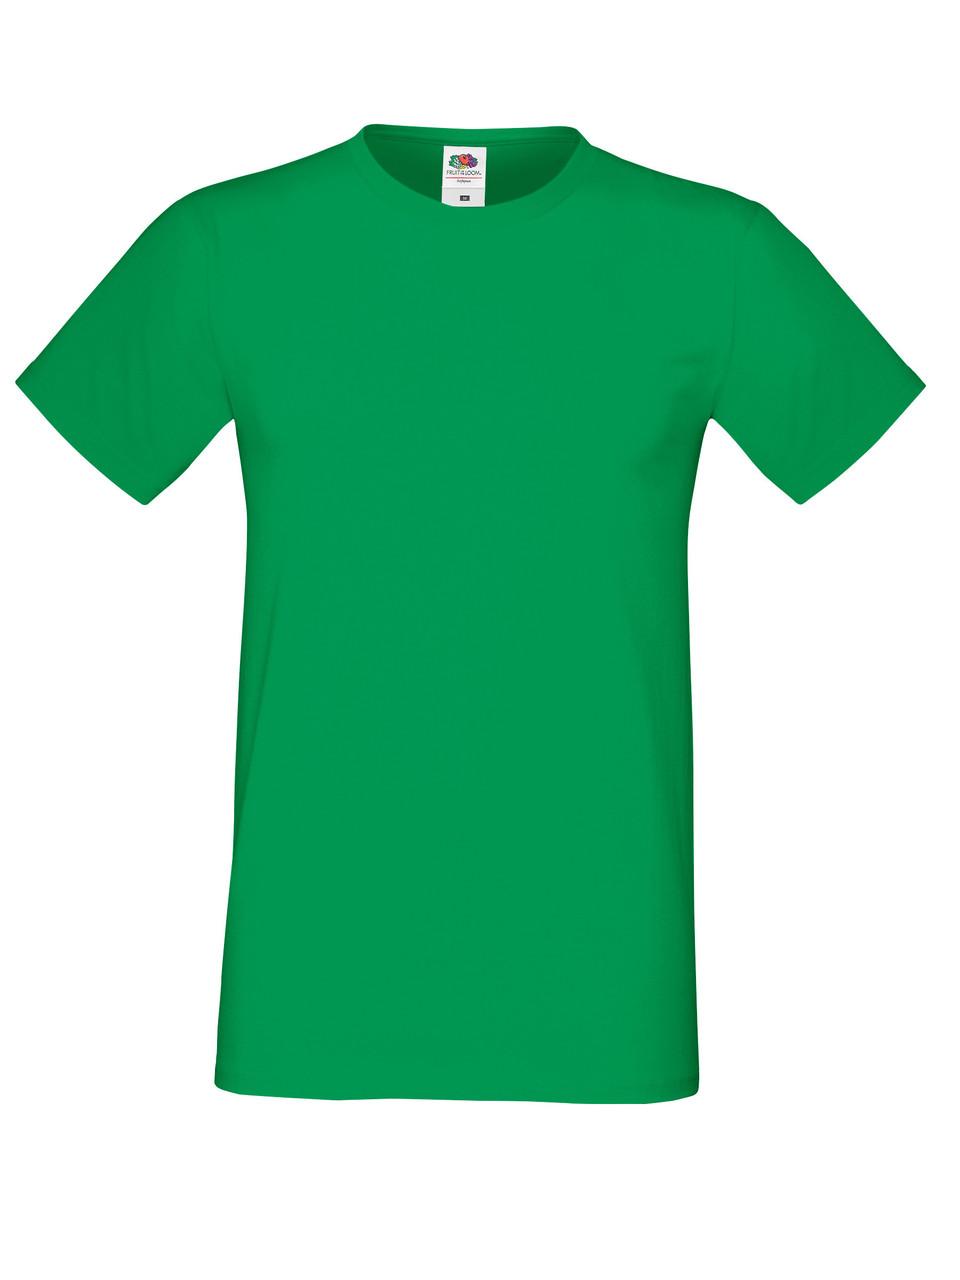 Мужская Футболка Мягкая Fruit of the loom Ярко-Зелёный 61-412-47 M